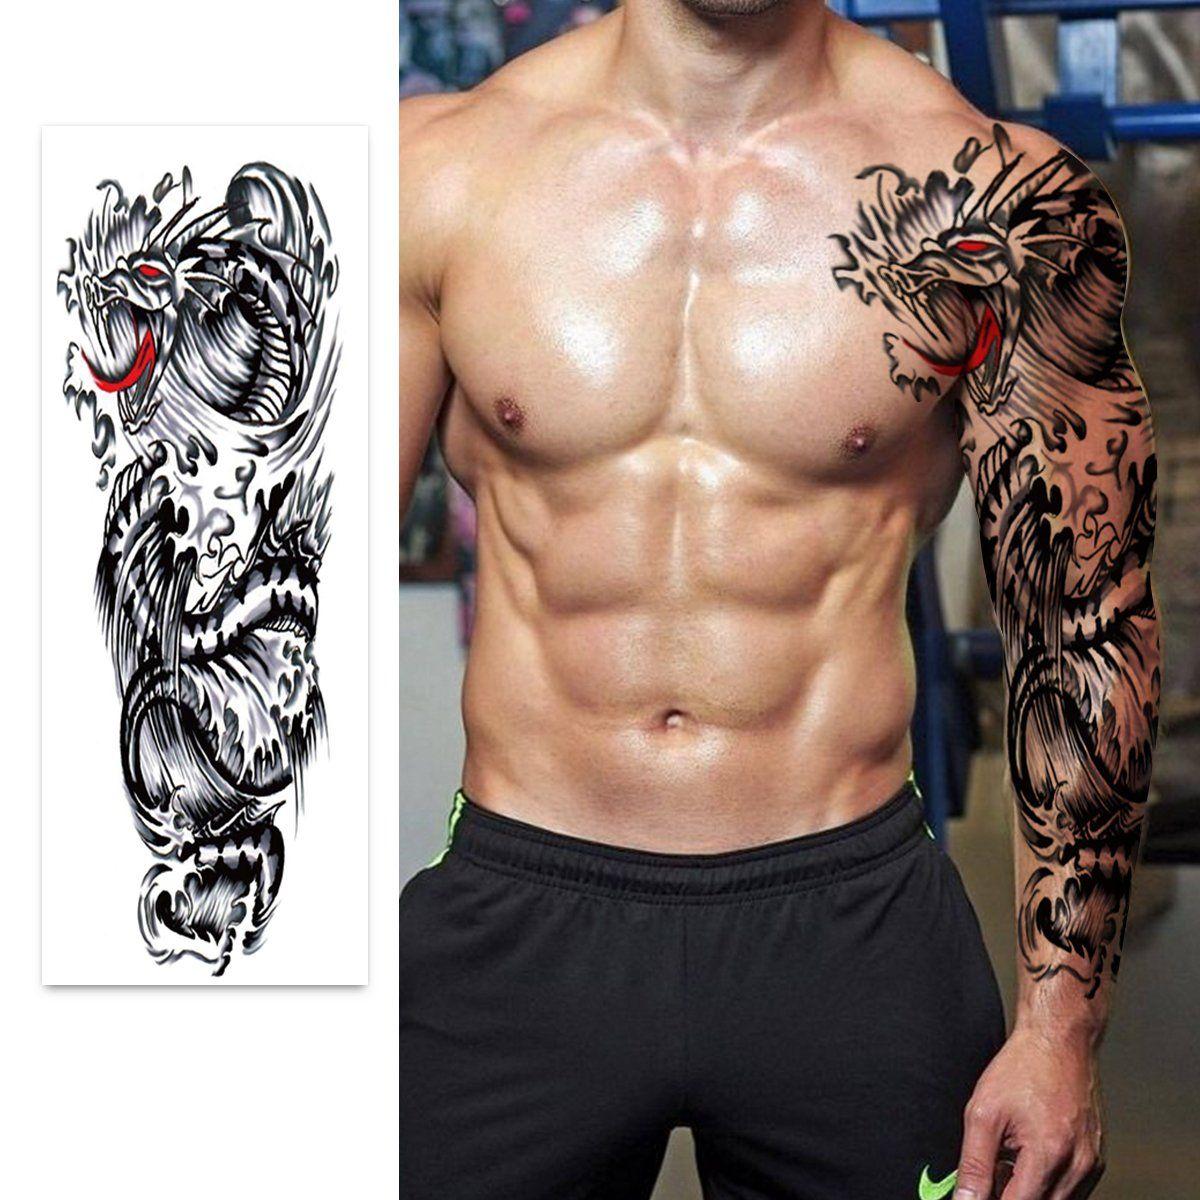 Large Temporary Men Women Tattoos - Wolf,Tribal,Koi Fish, Skull, Cross,Dream Catcher,Dragon Tattoo Body Art Designs,Arm Shoulder Neck Chest & Back Fake Tattoos for Men Women